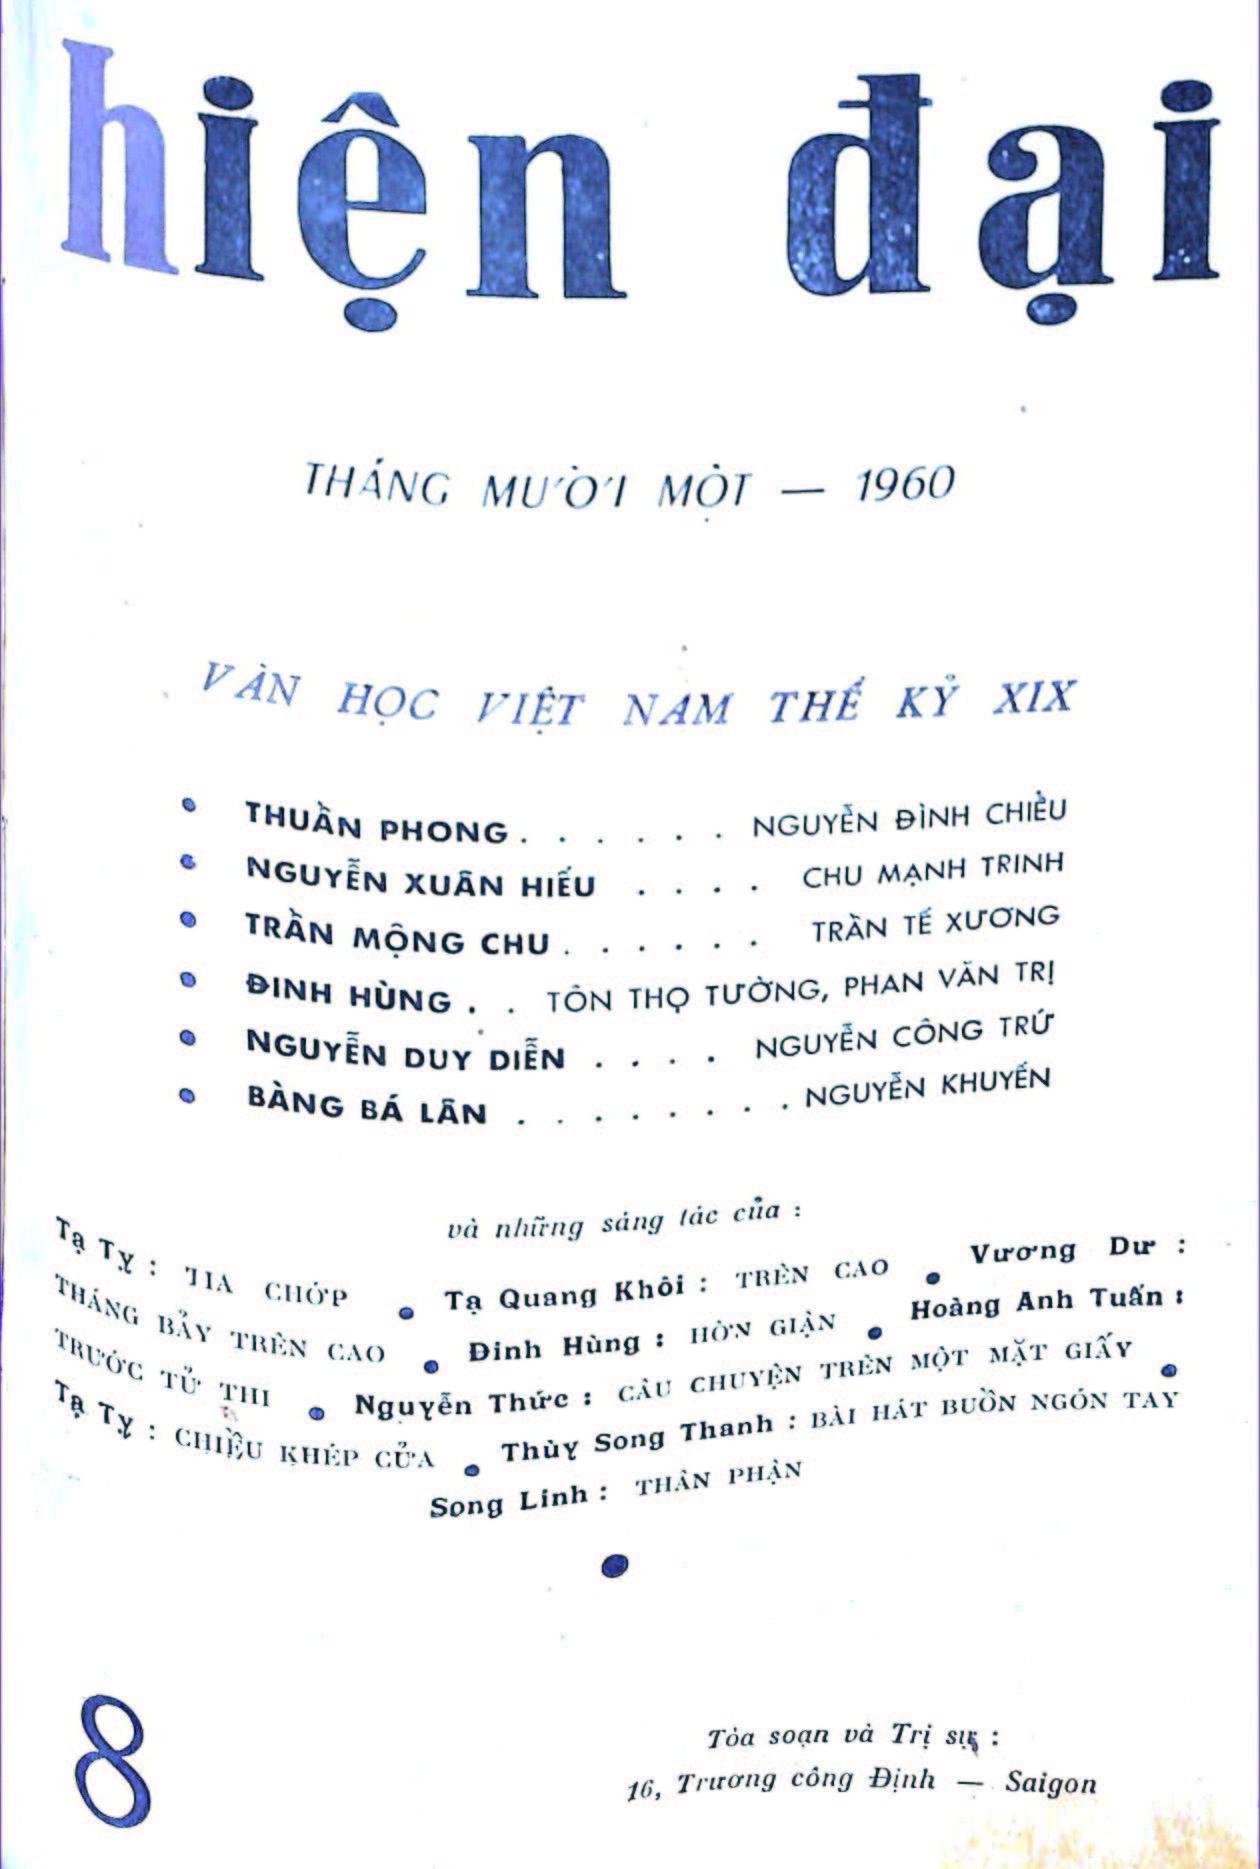 Hiện đại số 8 tháng 11-1960